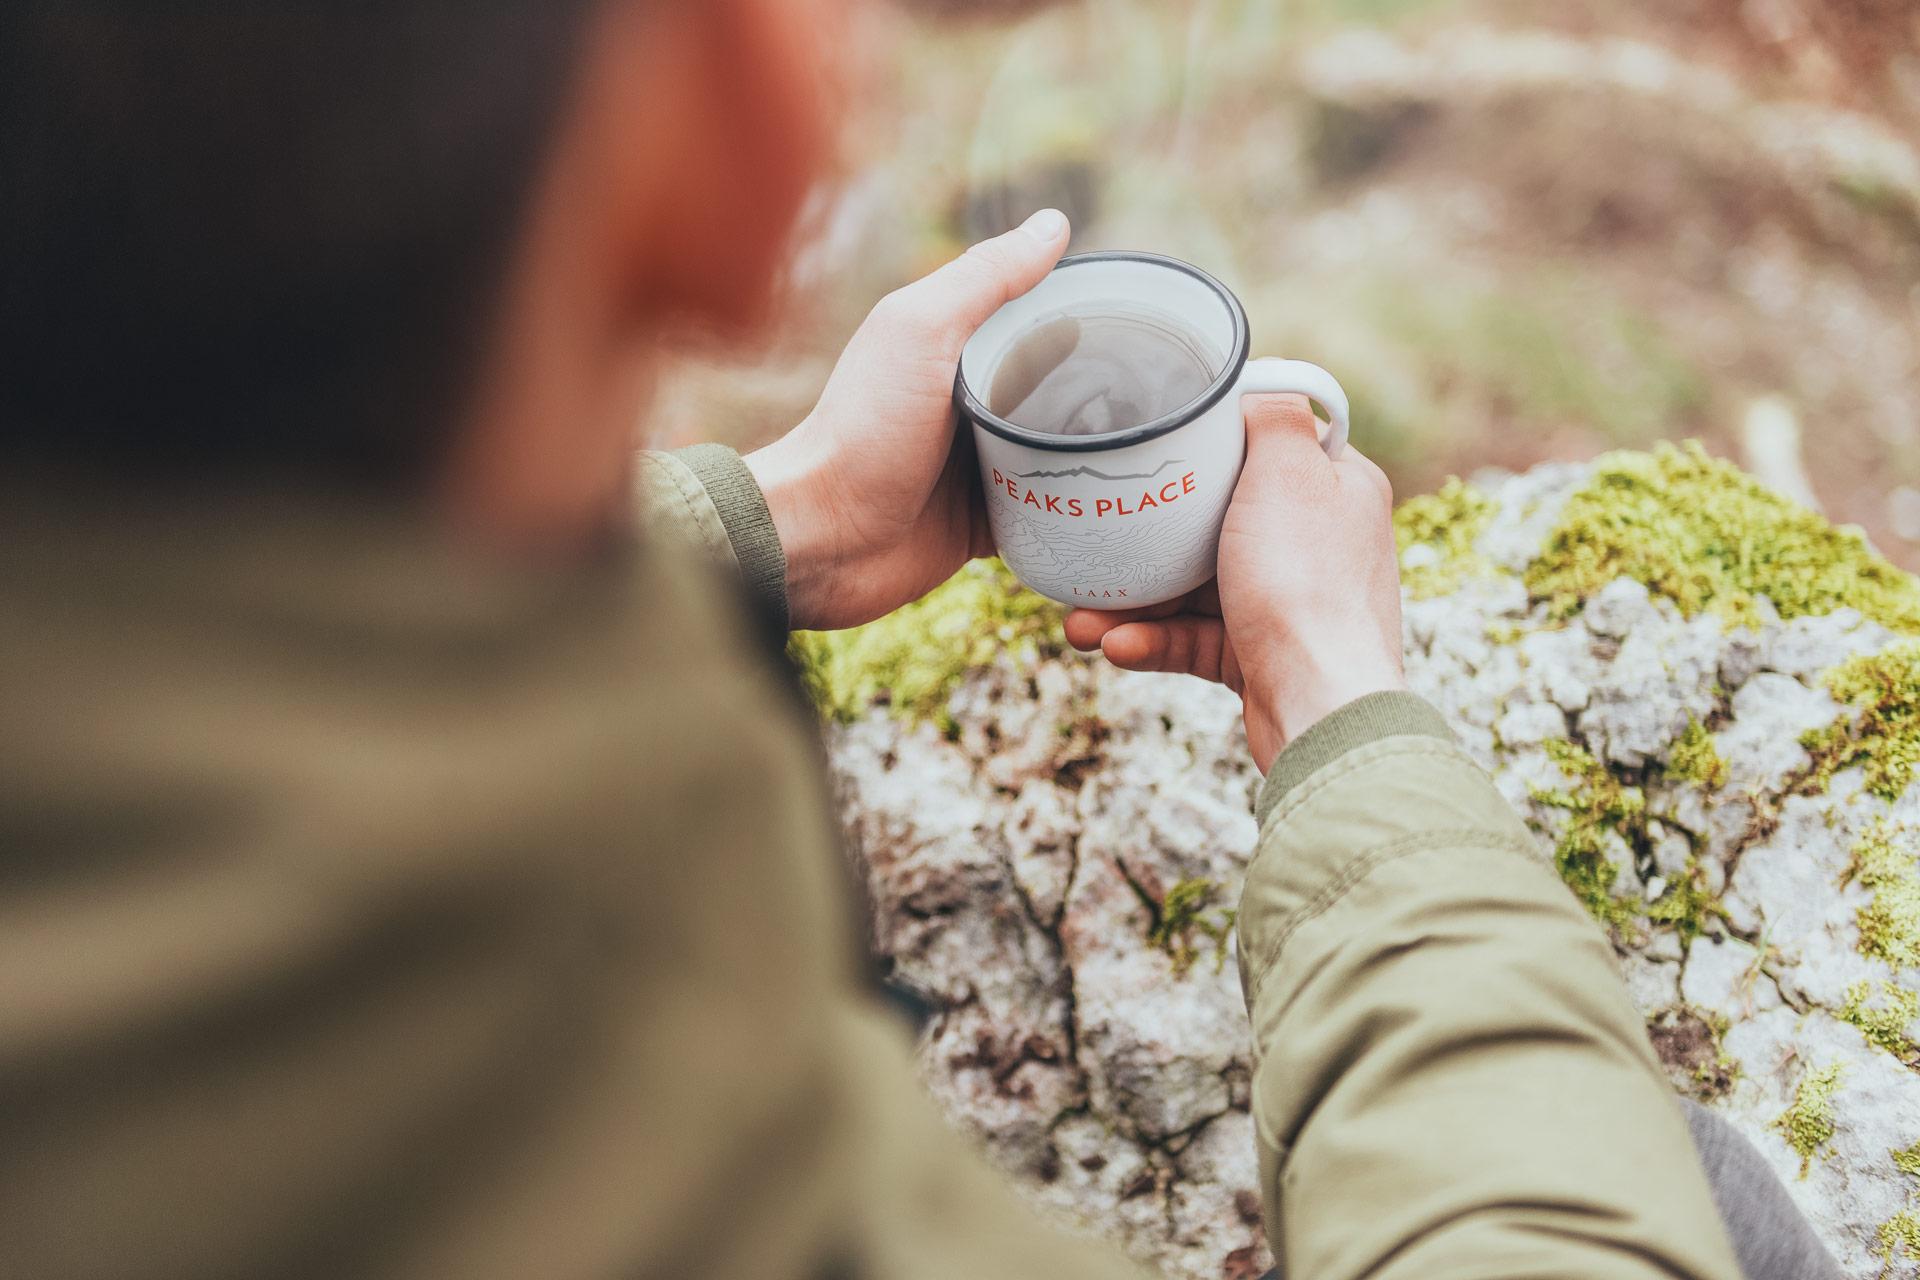 Tasse des Peaks Place in Laax, welche durch Redeleit und Junker designt wurde